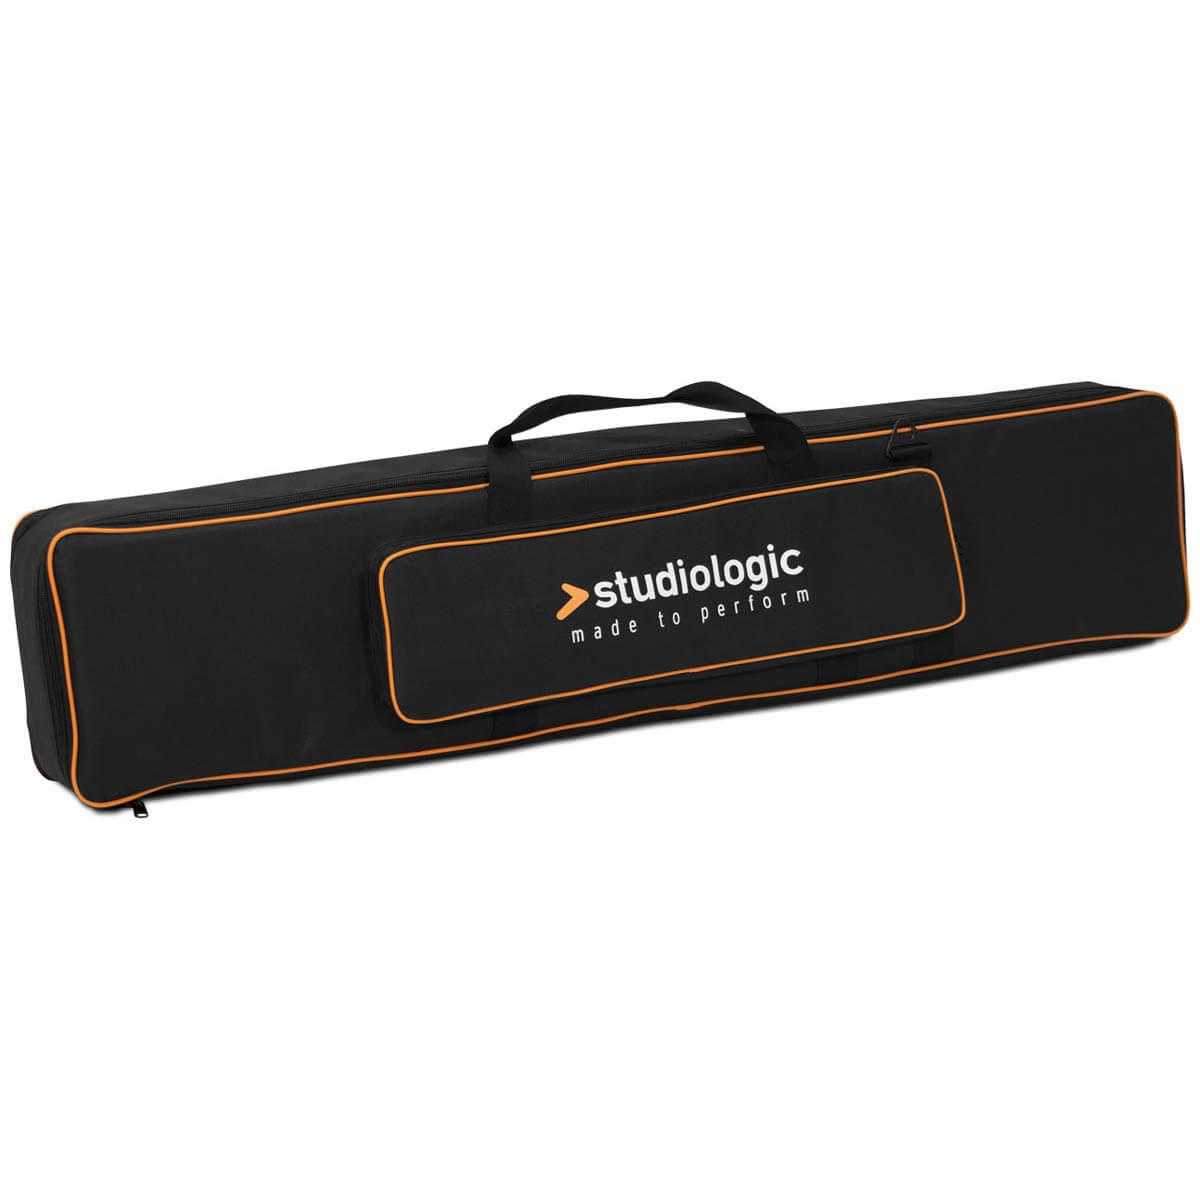 Image of   Studiologic Size-A softcase til NUMA Compact 2 og 2X